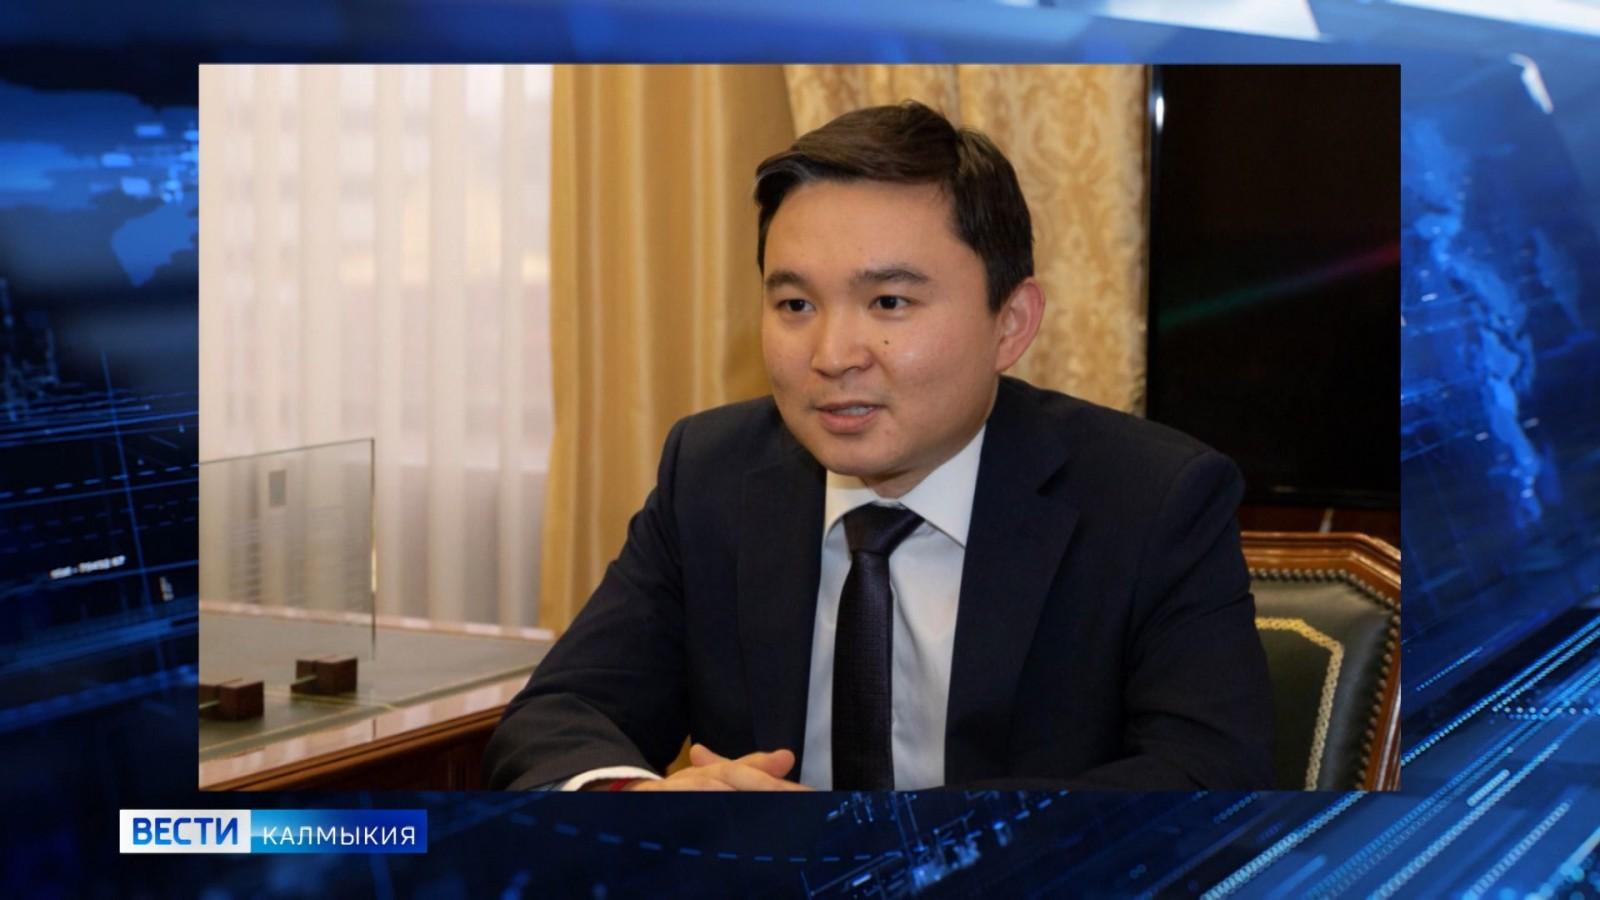 Постоянным Представителем при Президенте России назначен Андрей Картиев